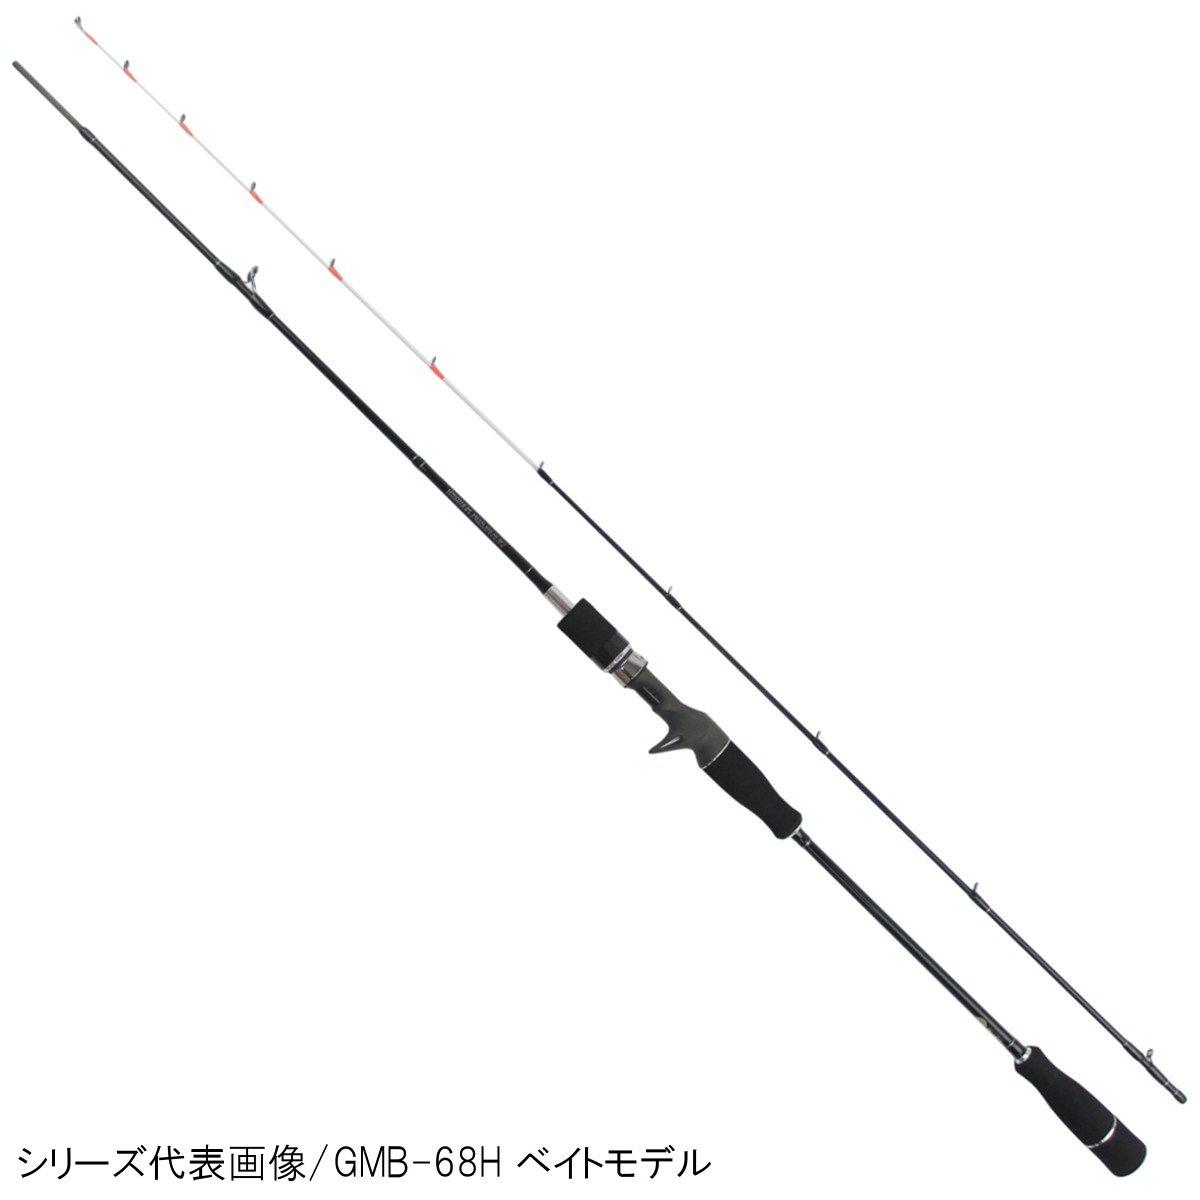 ギガメタル GMB?6'10M ベイトモデル【送料無料】